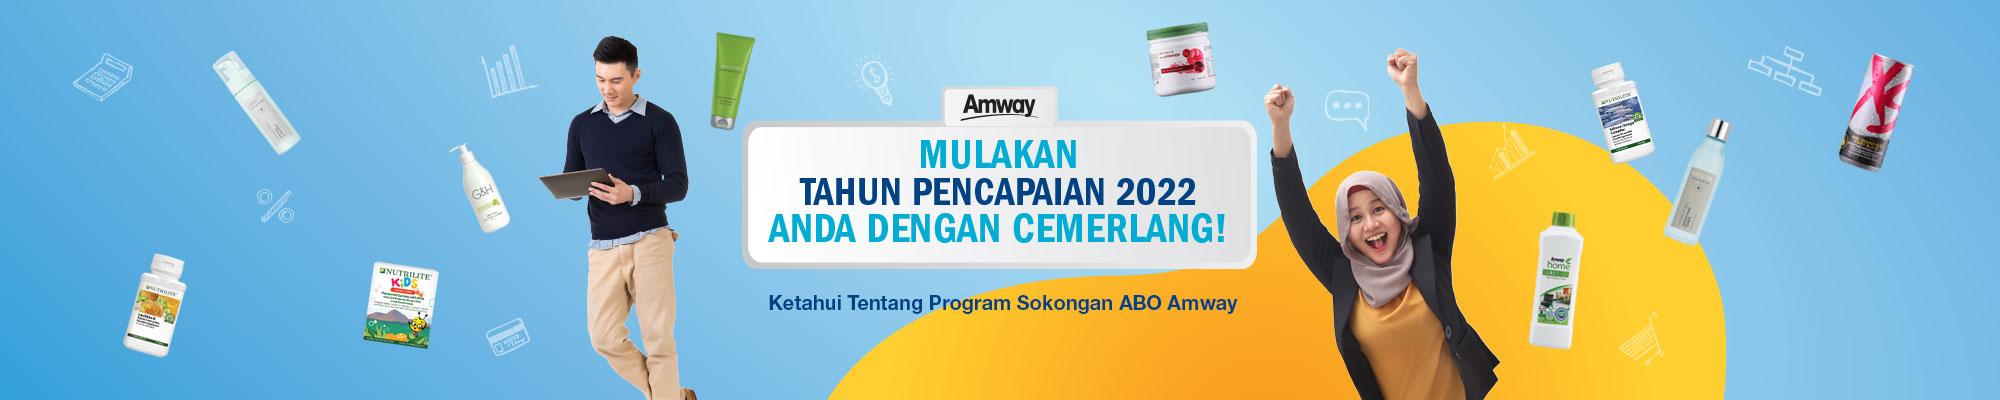 Mulakan Tahun Pencapaian 2022 Anda Dengan Cemerlang!